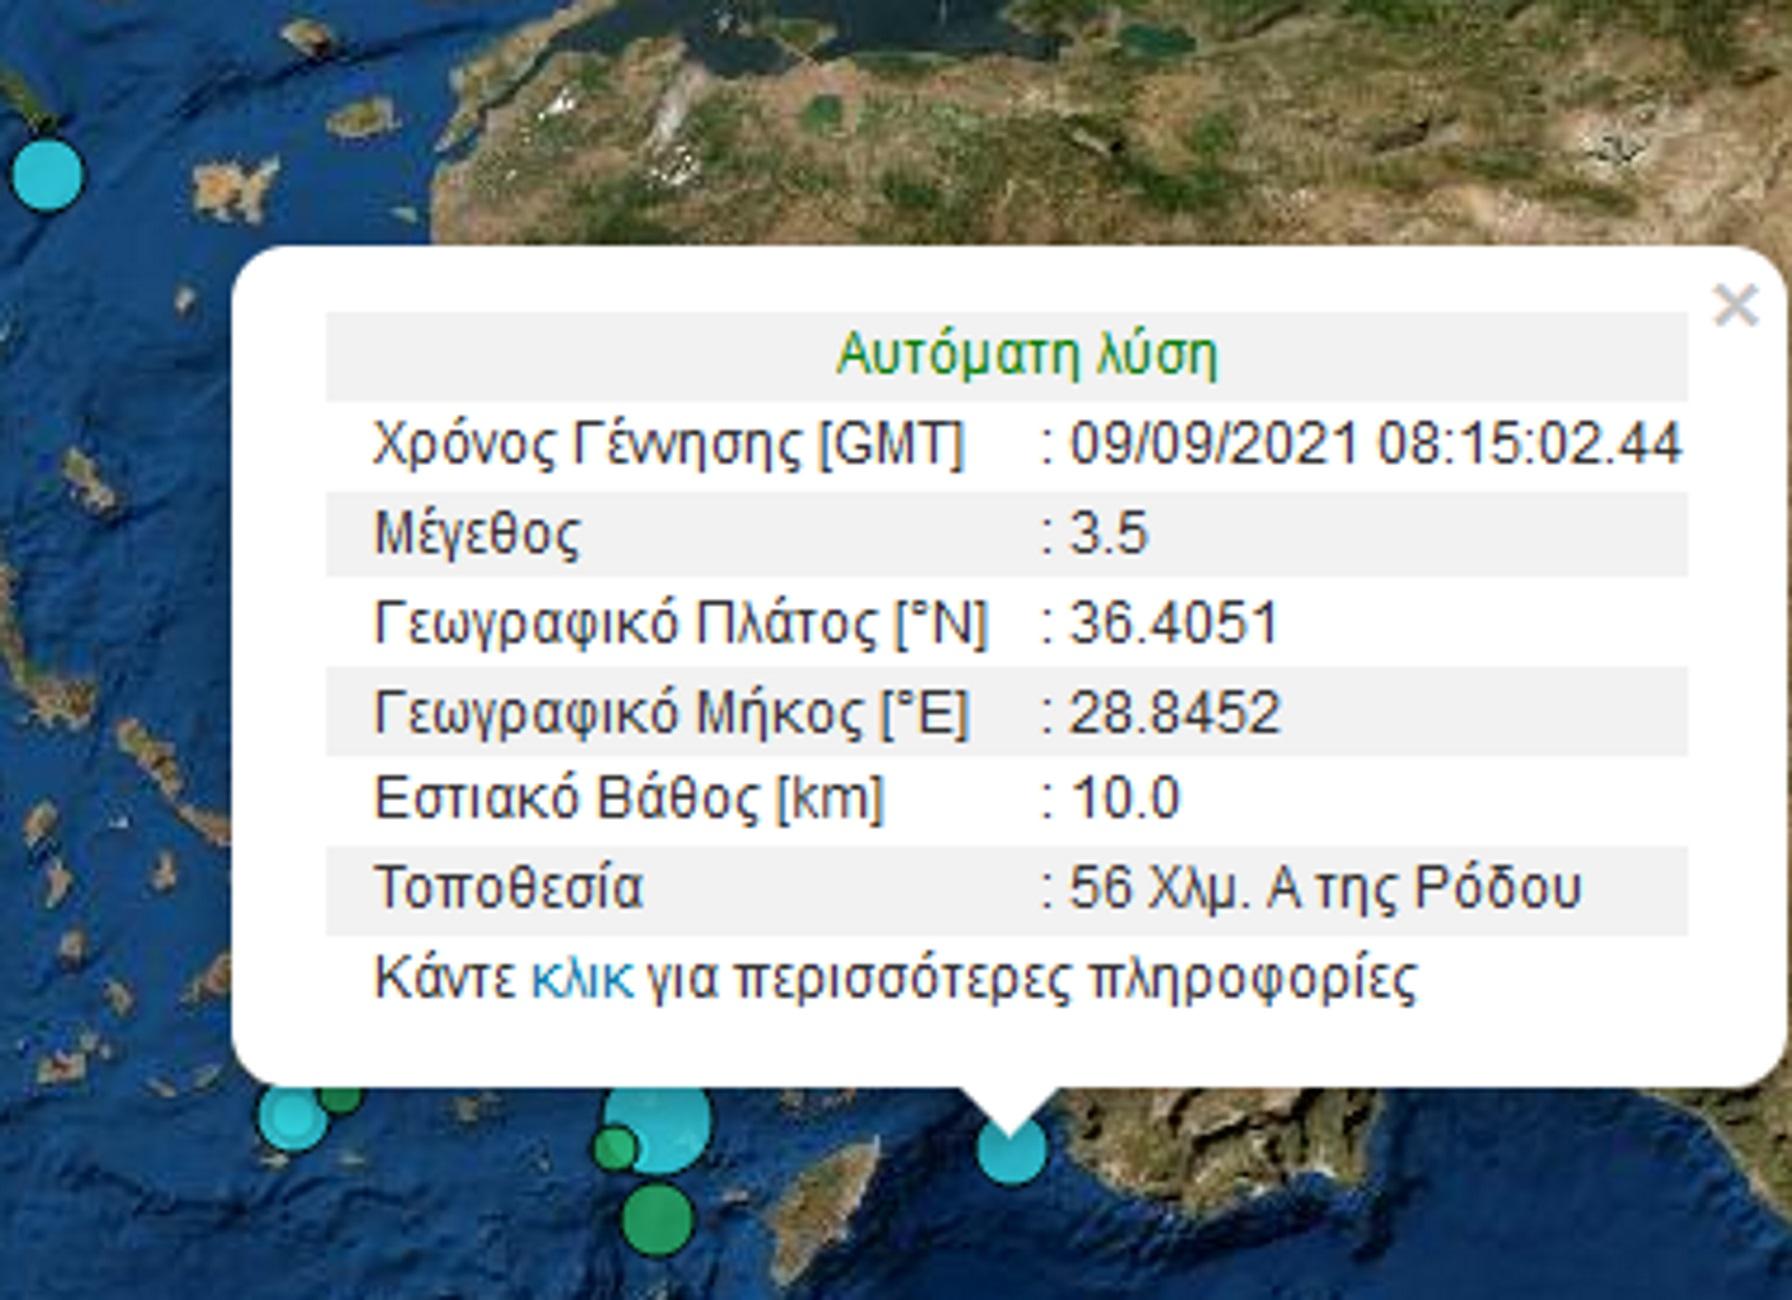 Σεισμός ανοιχτά της Ρόδου – Τι δείχνει η πρώτη μέτρηση του Γεωδυναμικού Ινστιτούτου Αθηνών